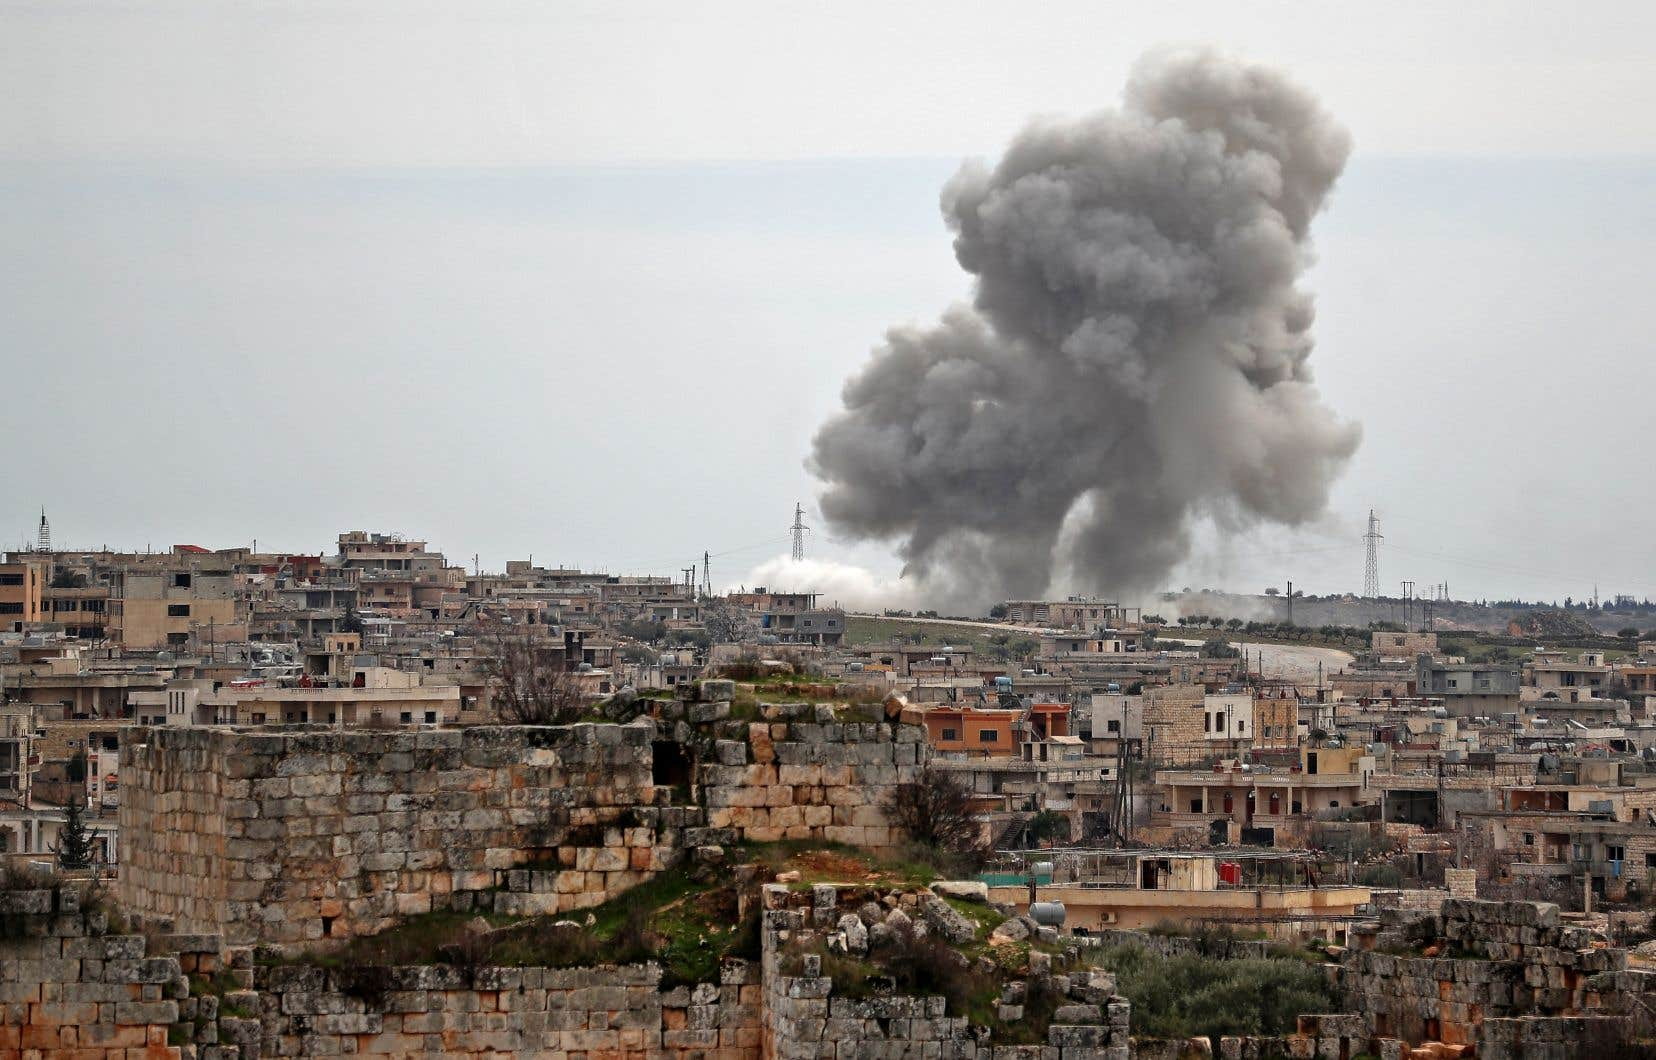 Des panaches de fumée s'élevaient jeudi à la suite des frappes aériennes russes sur le village d'al-Bara, dans le sud de la province d'Idlib.